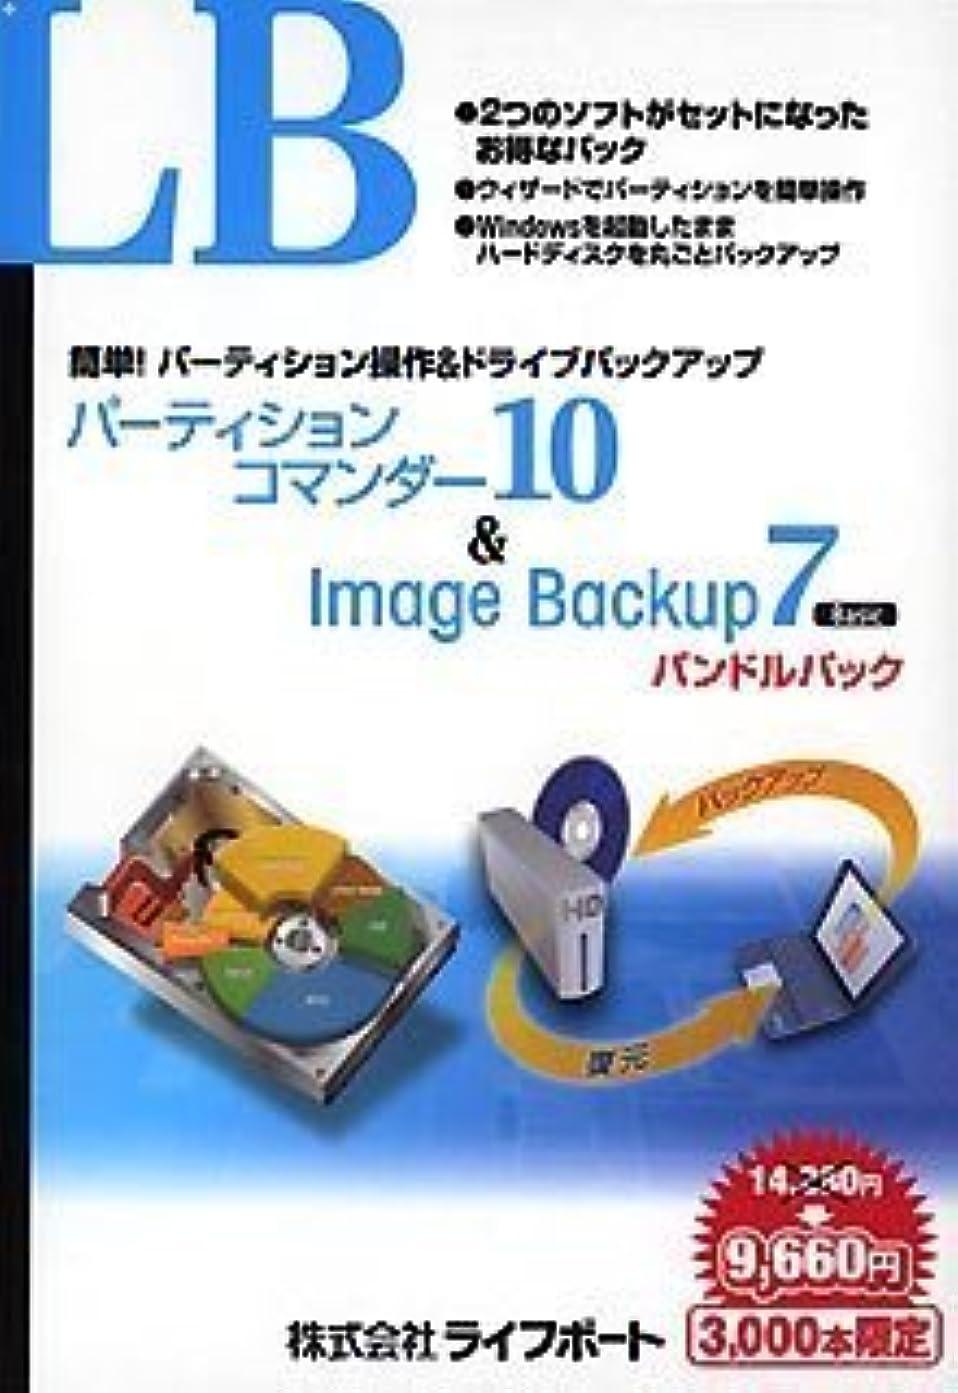 ブランドマイクロ宗教LB パーティションコマンダー10 & LB Image Backup 7 Basic バンドルパック